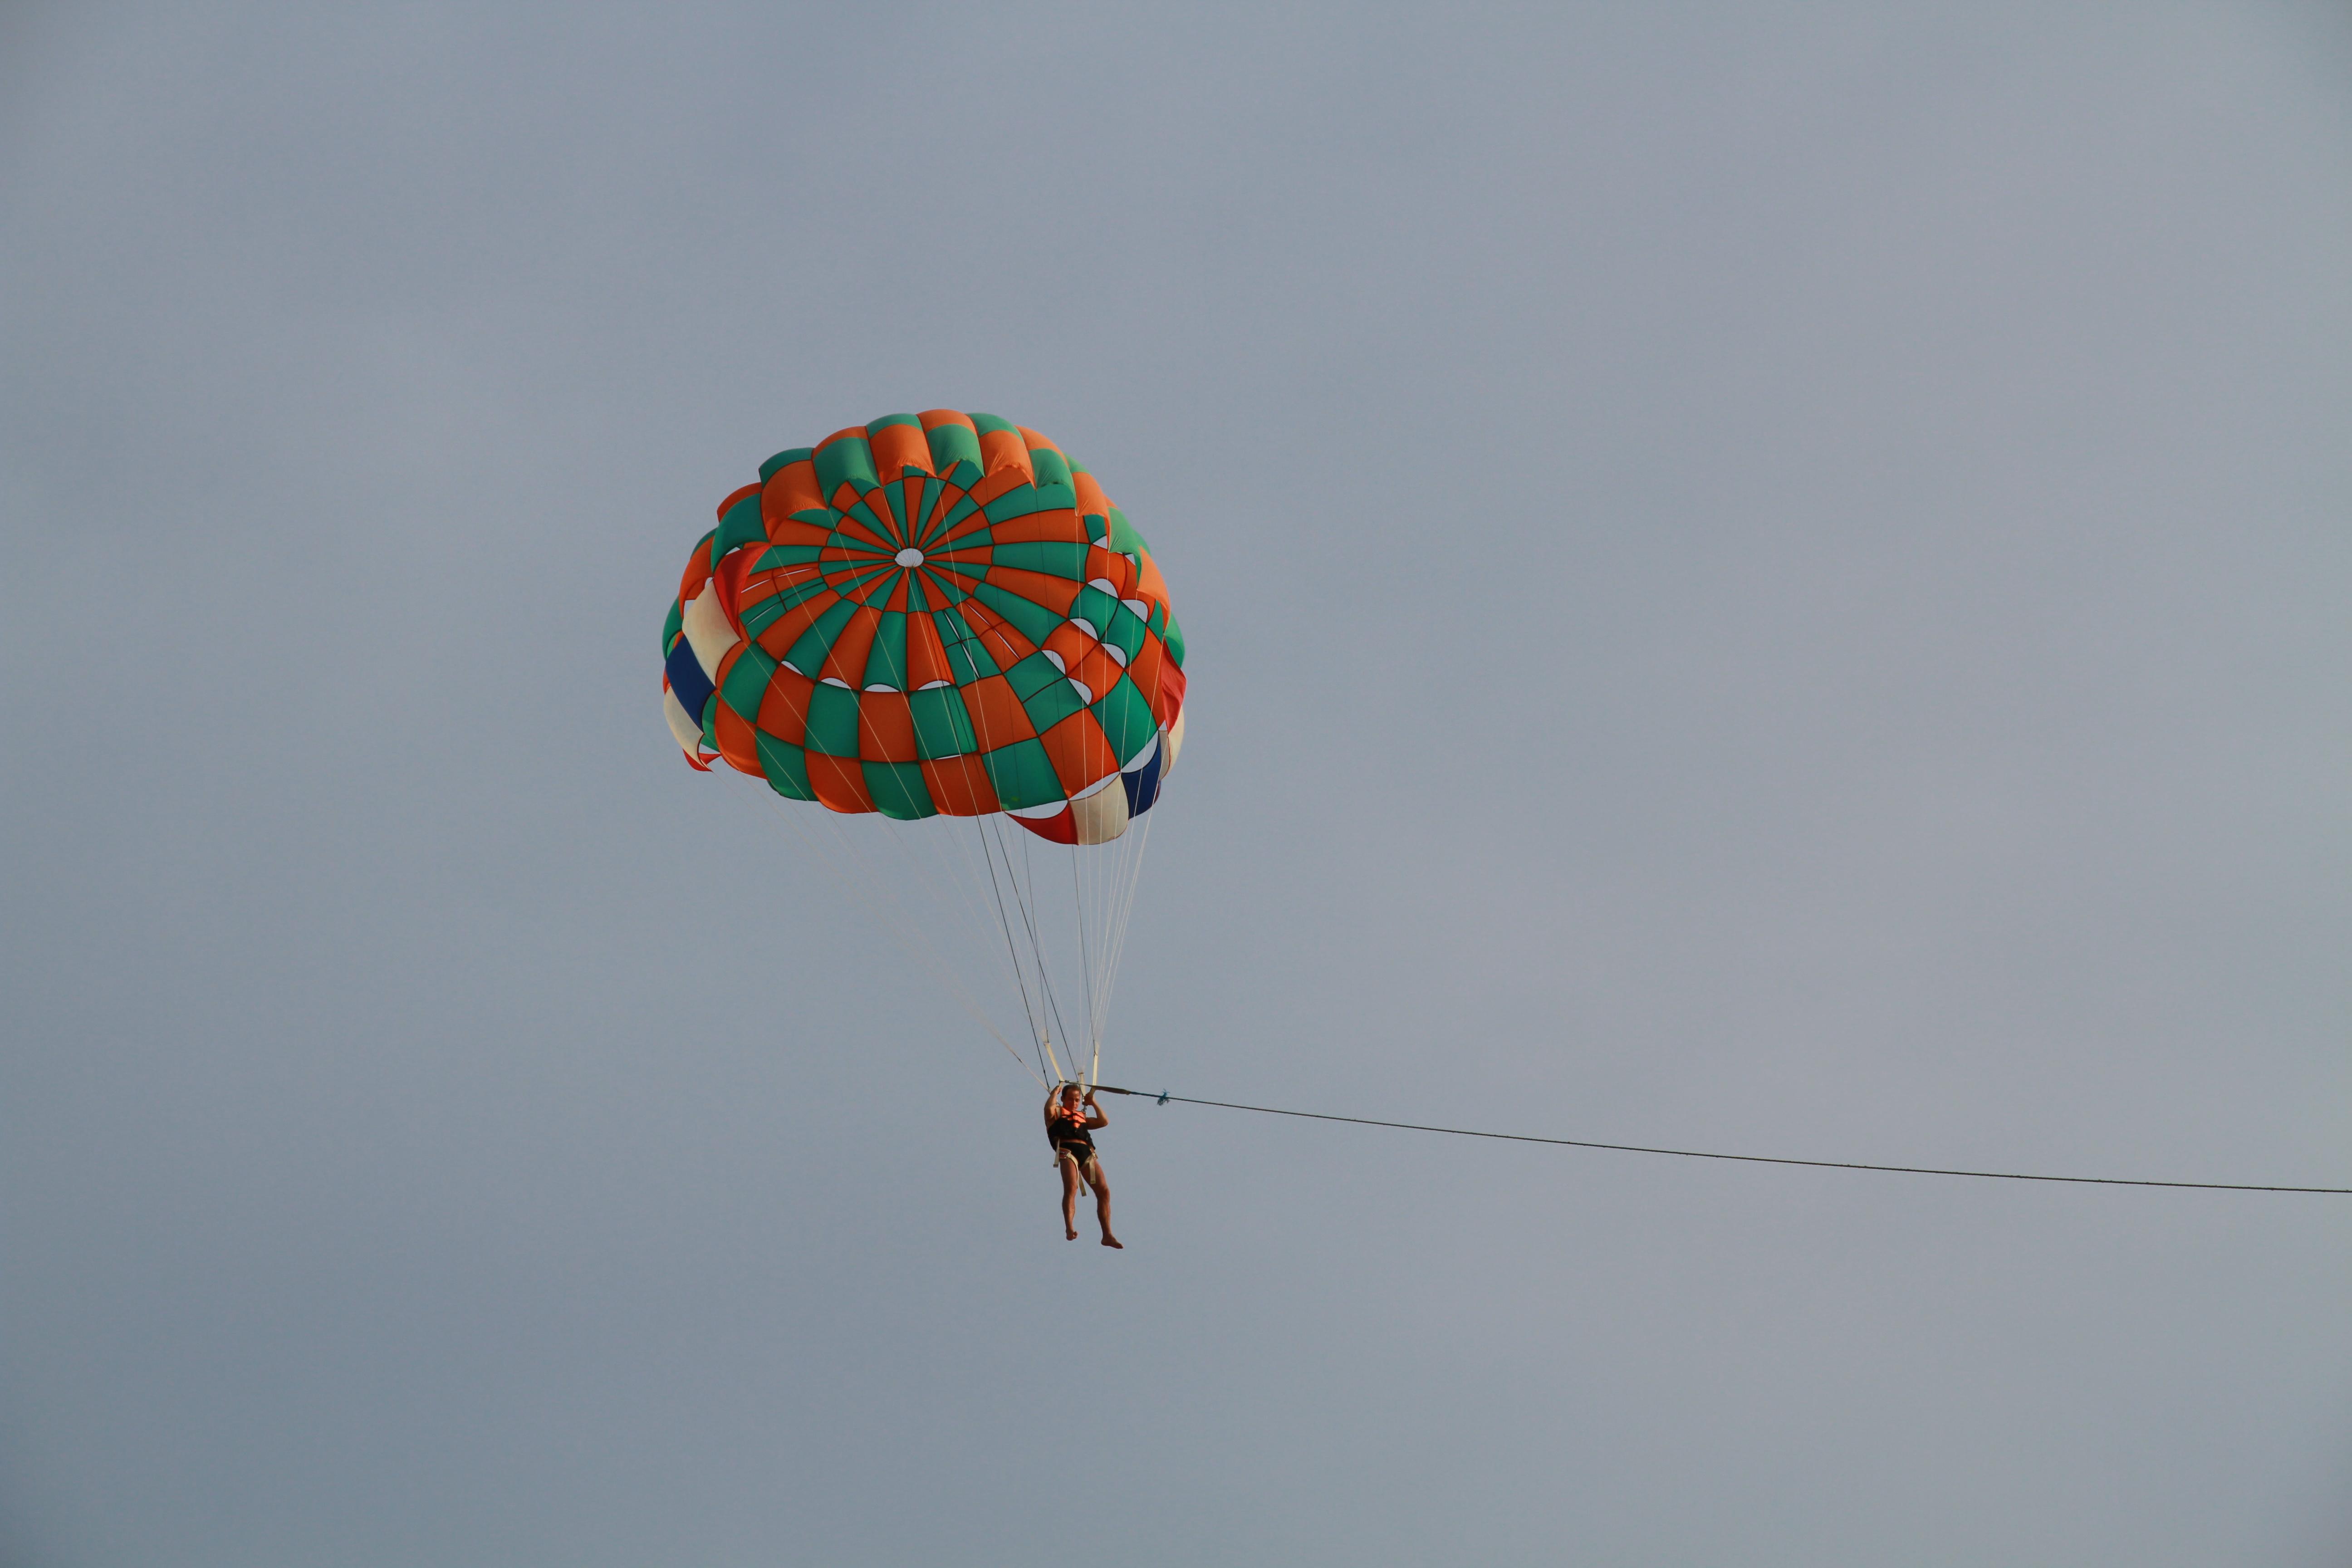 多多去小岛之三 带19m 的娃去普吉岛 多多坐飞机最长的旅行